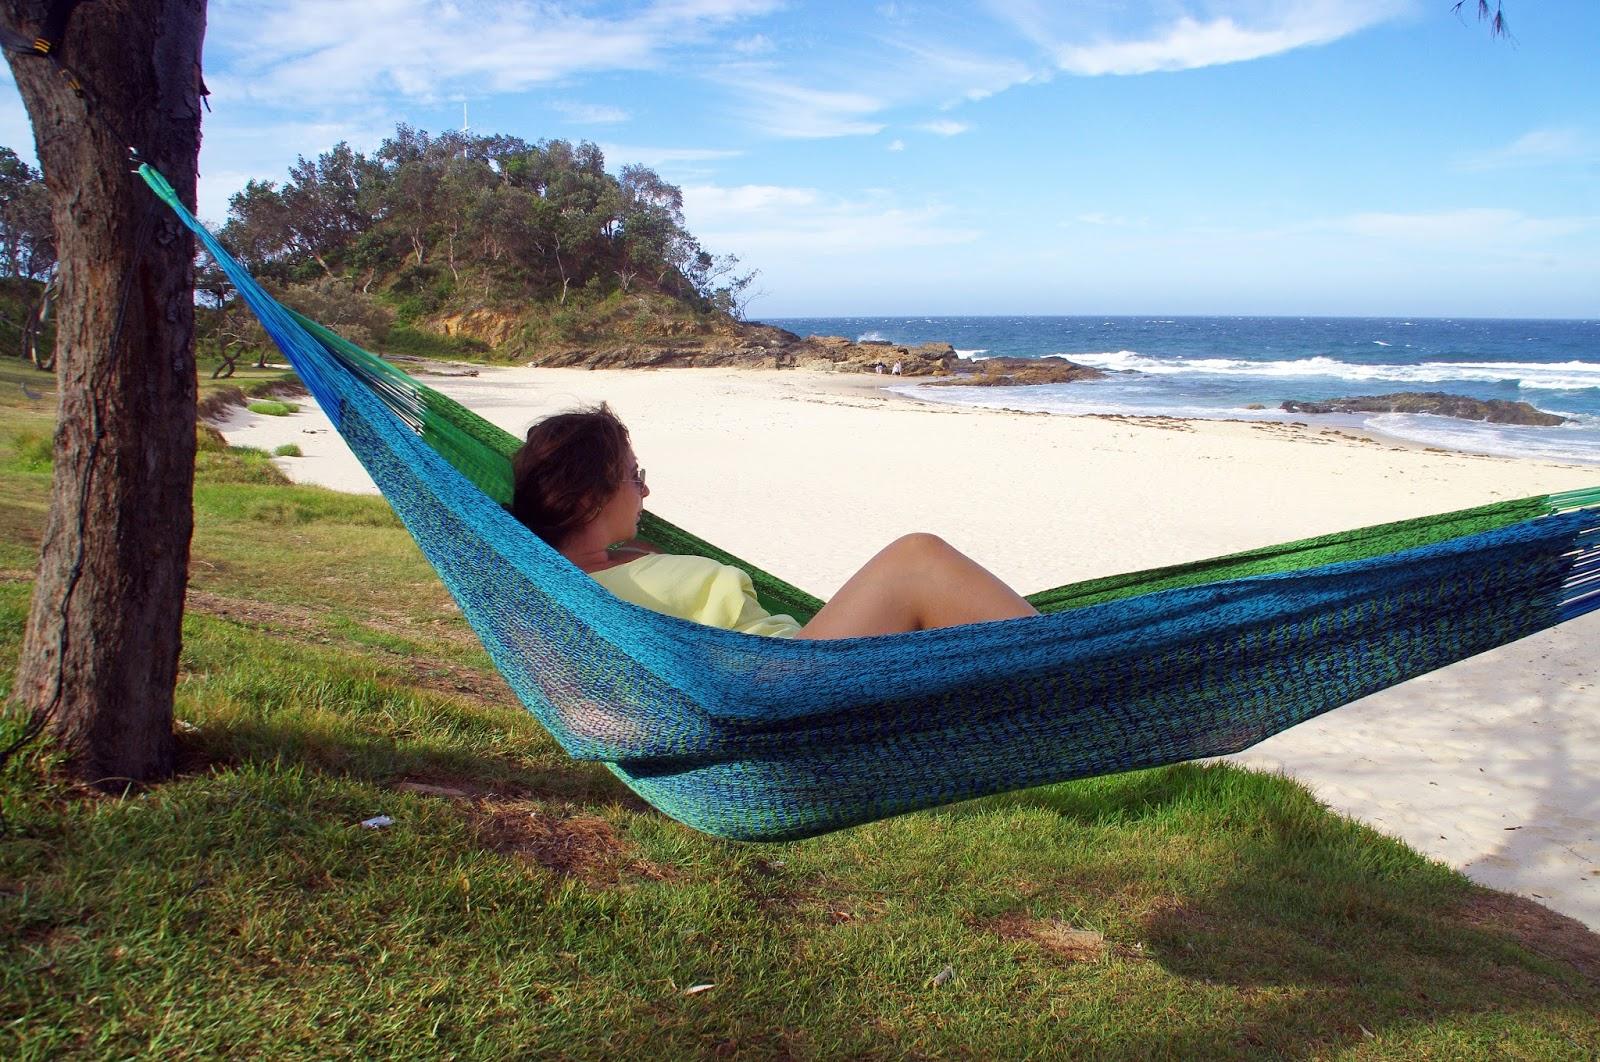 Girl relaxing in West Coast Hammocks